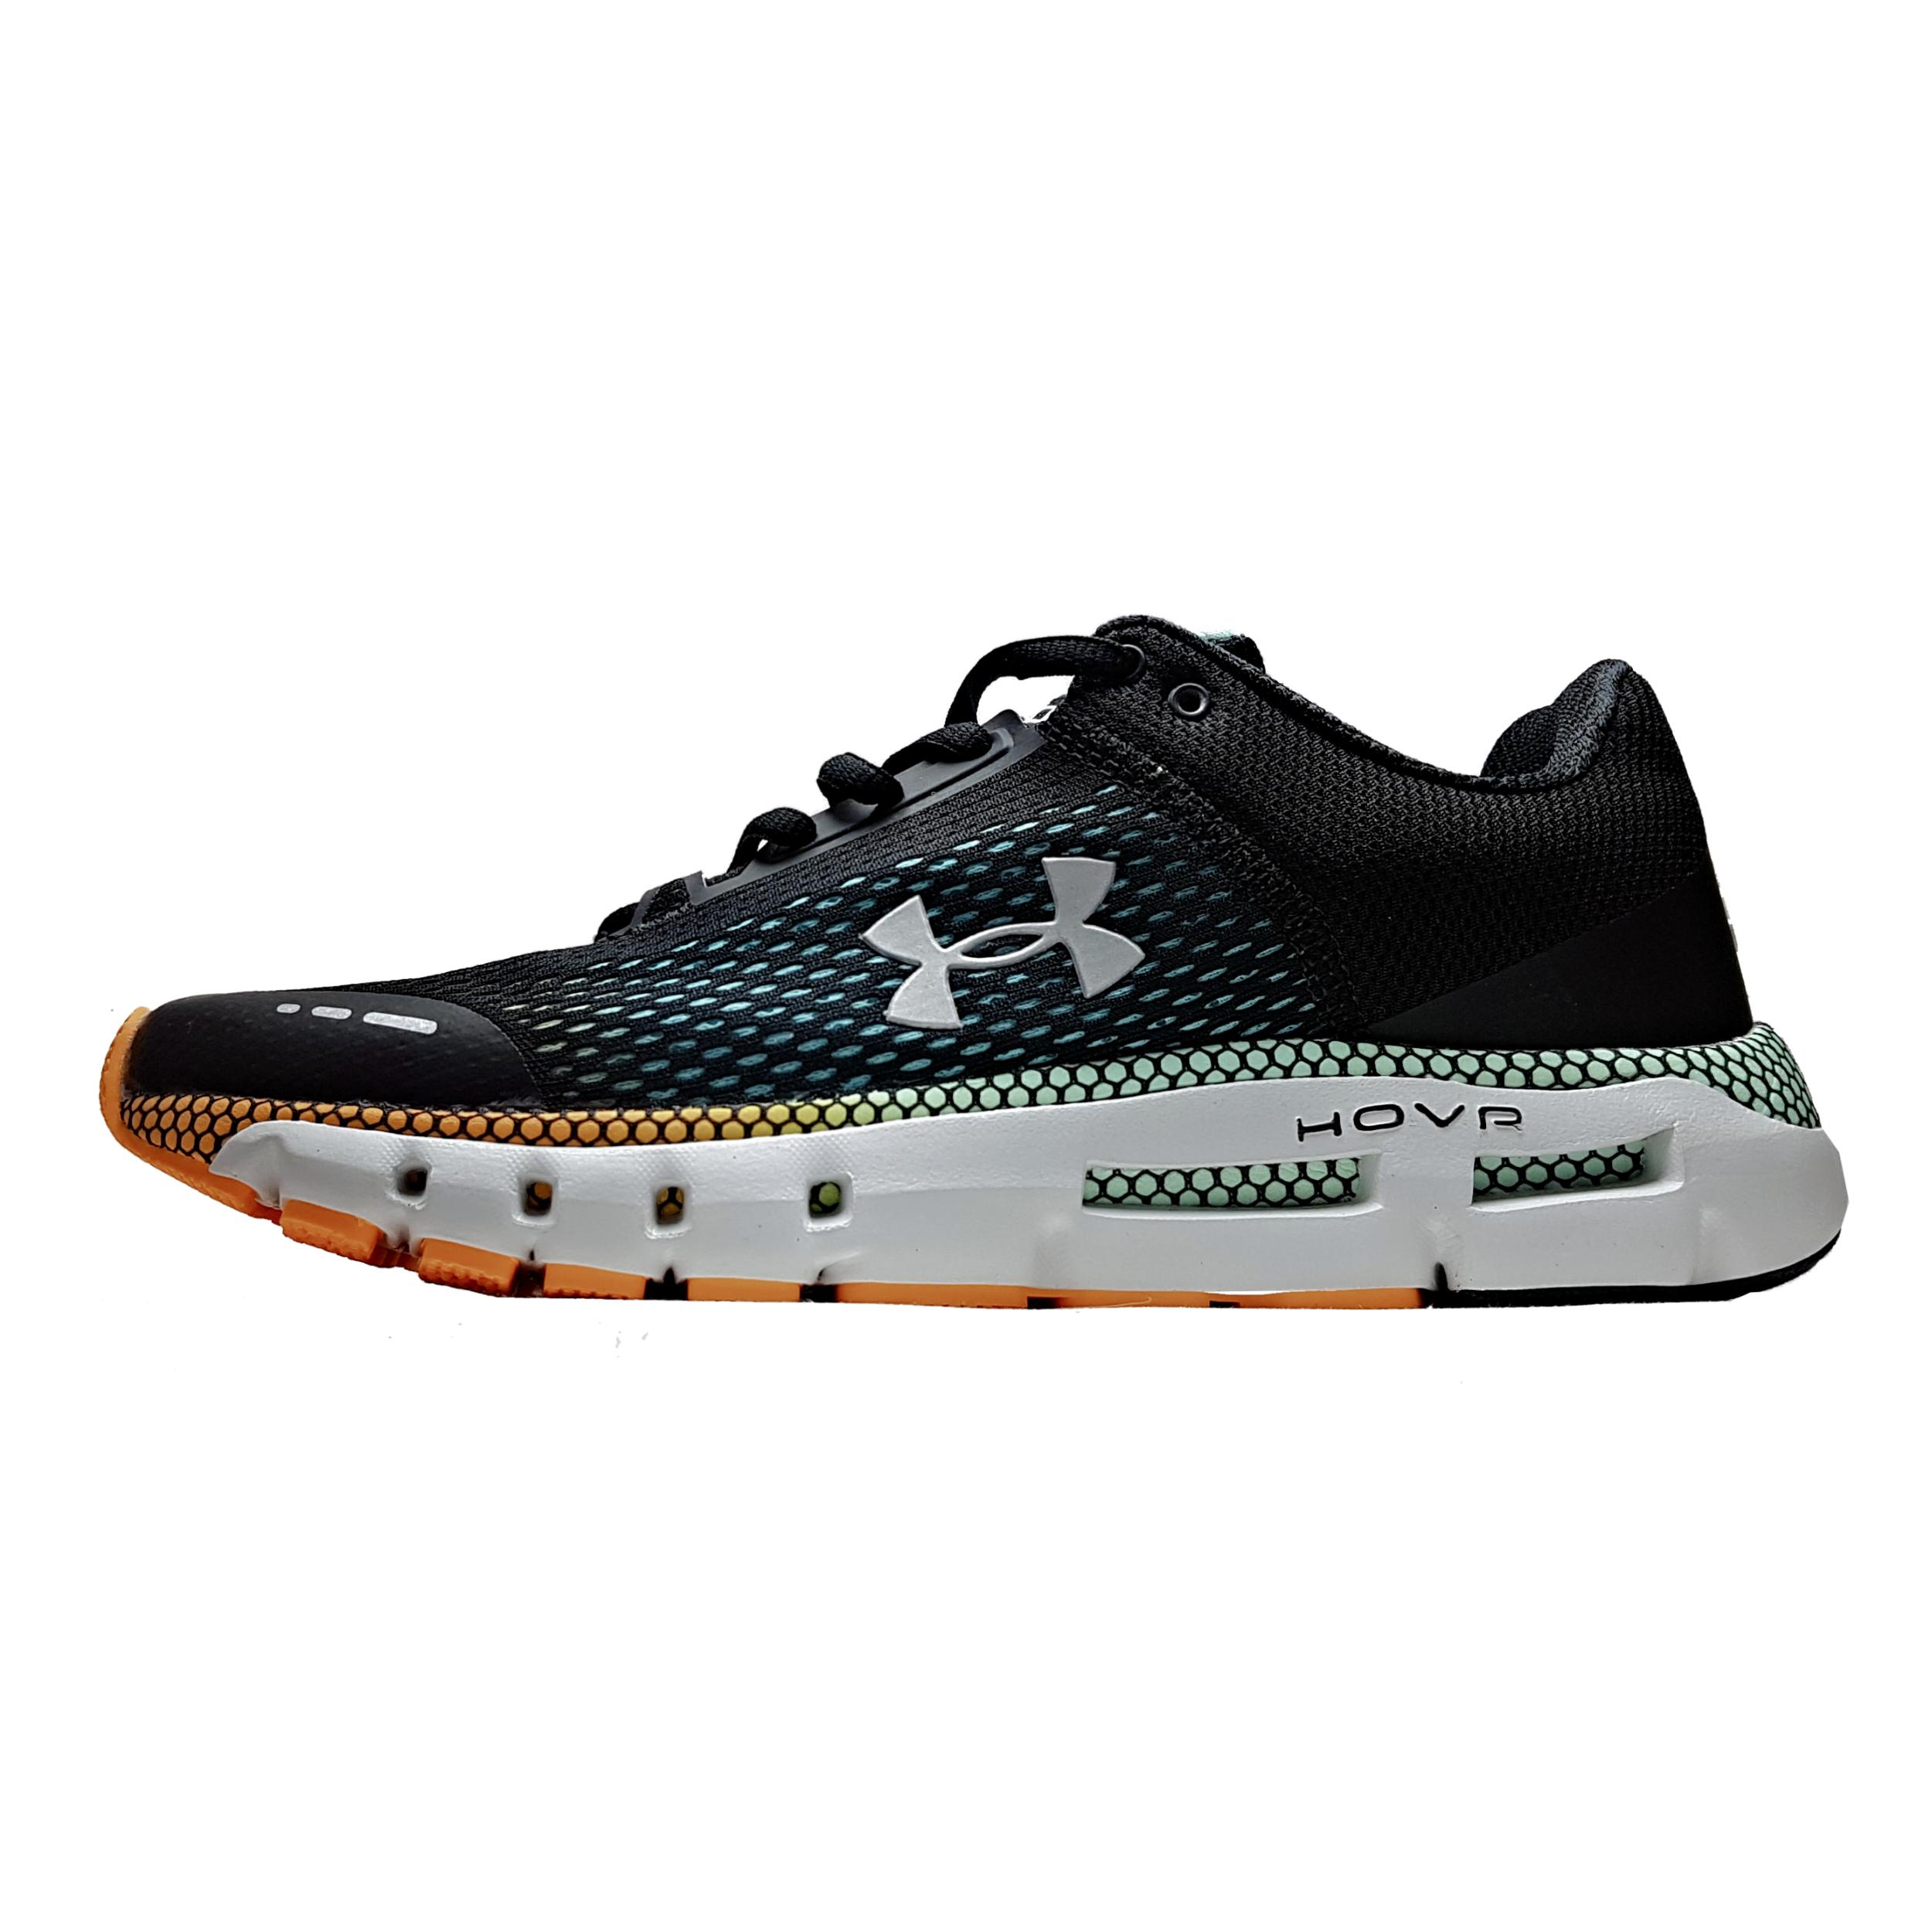 کفش مخصوص پیاده روی مردانه آندر آرمور مدل W HOVR Phantom SE کد 001-3021395